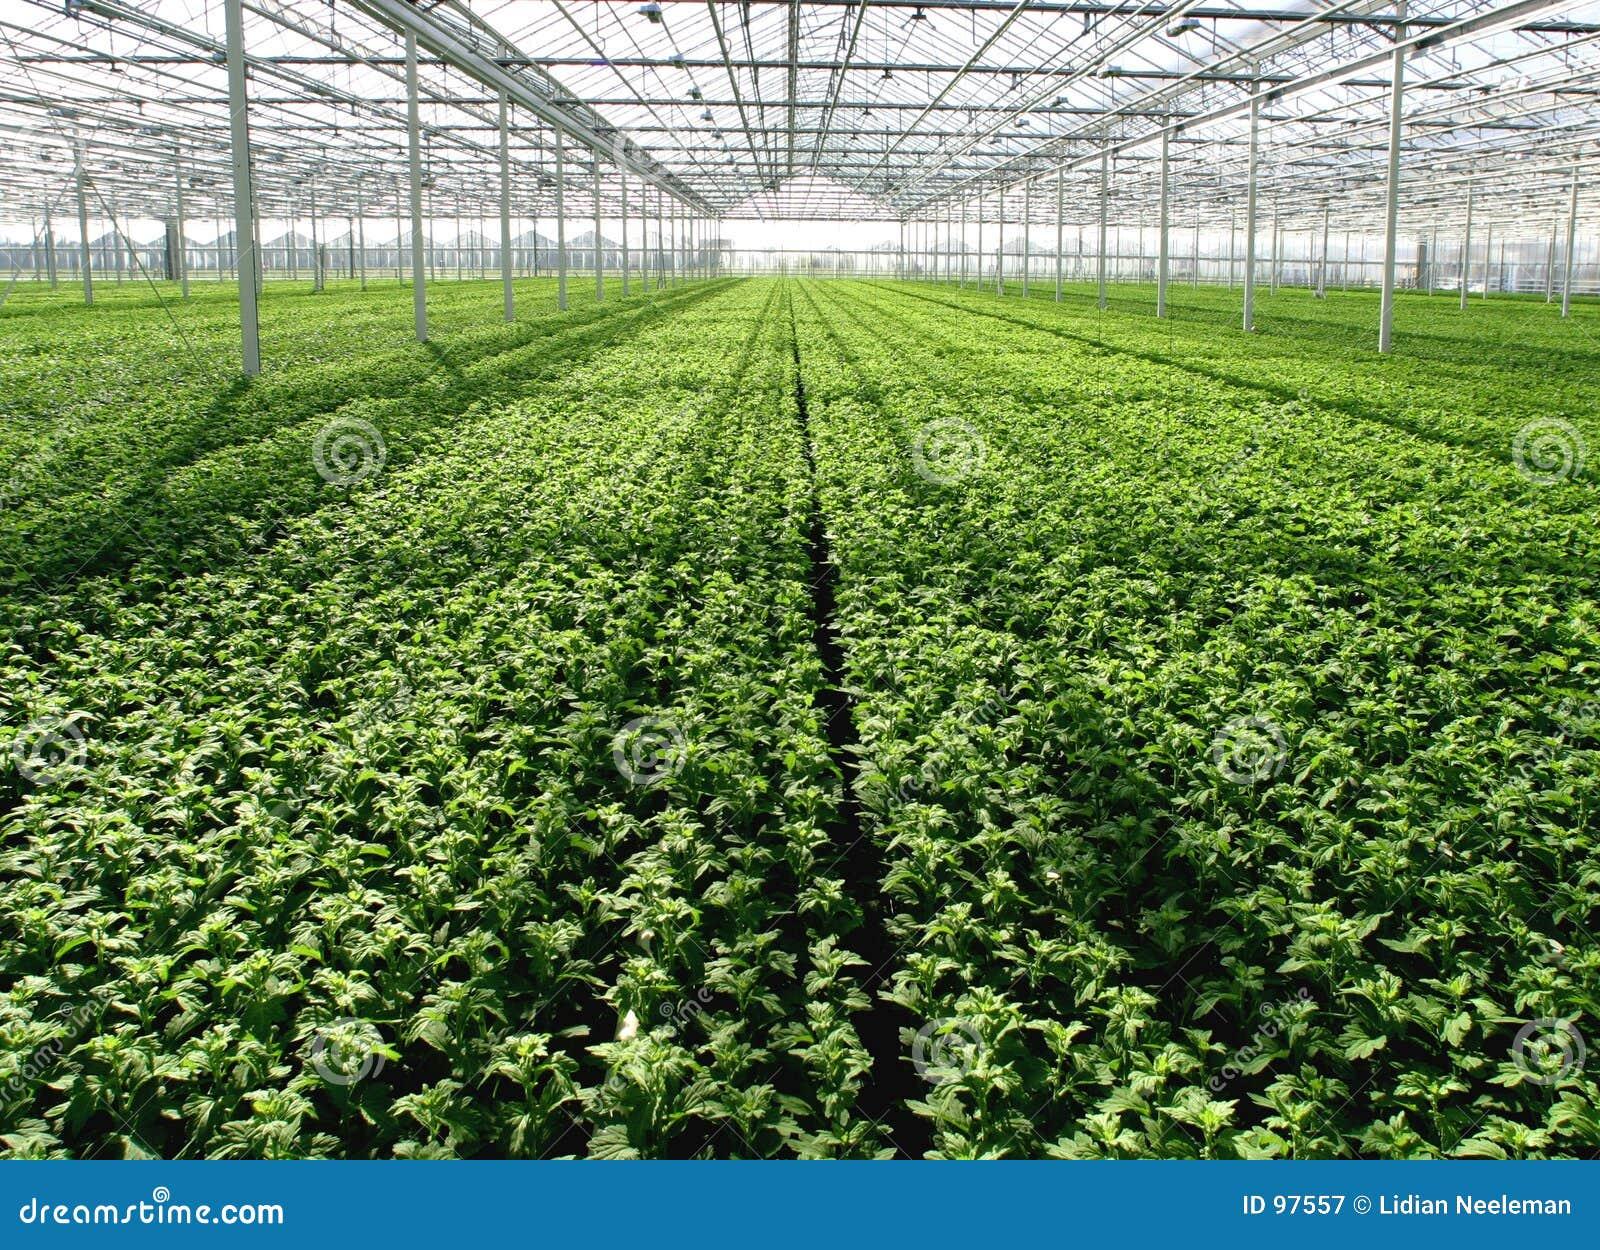 Plantas de semillero en invernadero Plantas de invernadero